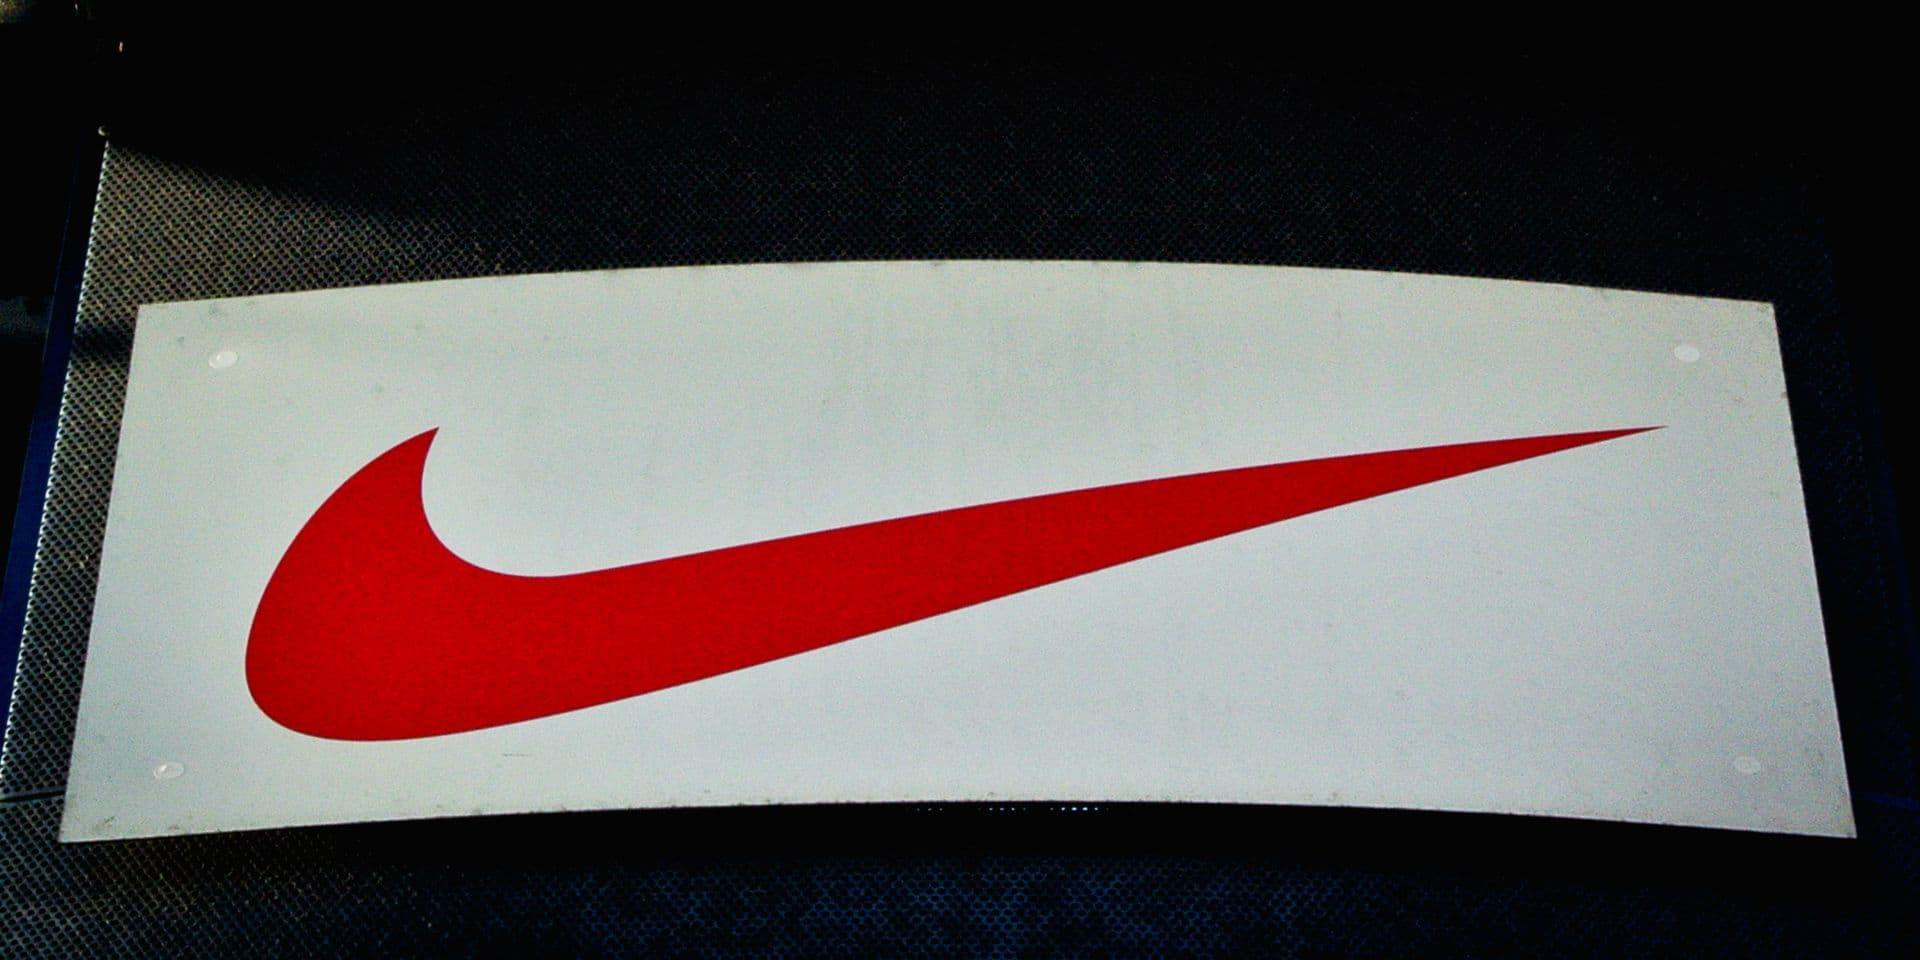 Nike: Mark Parker quitte ses fonctions de directeur général